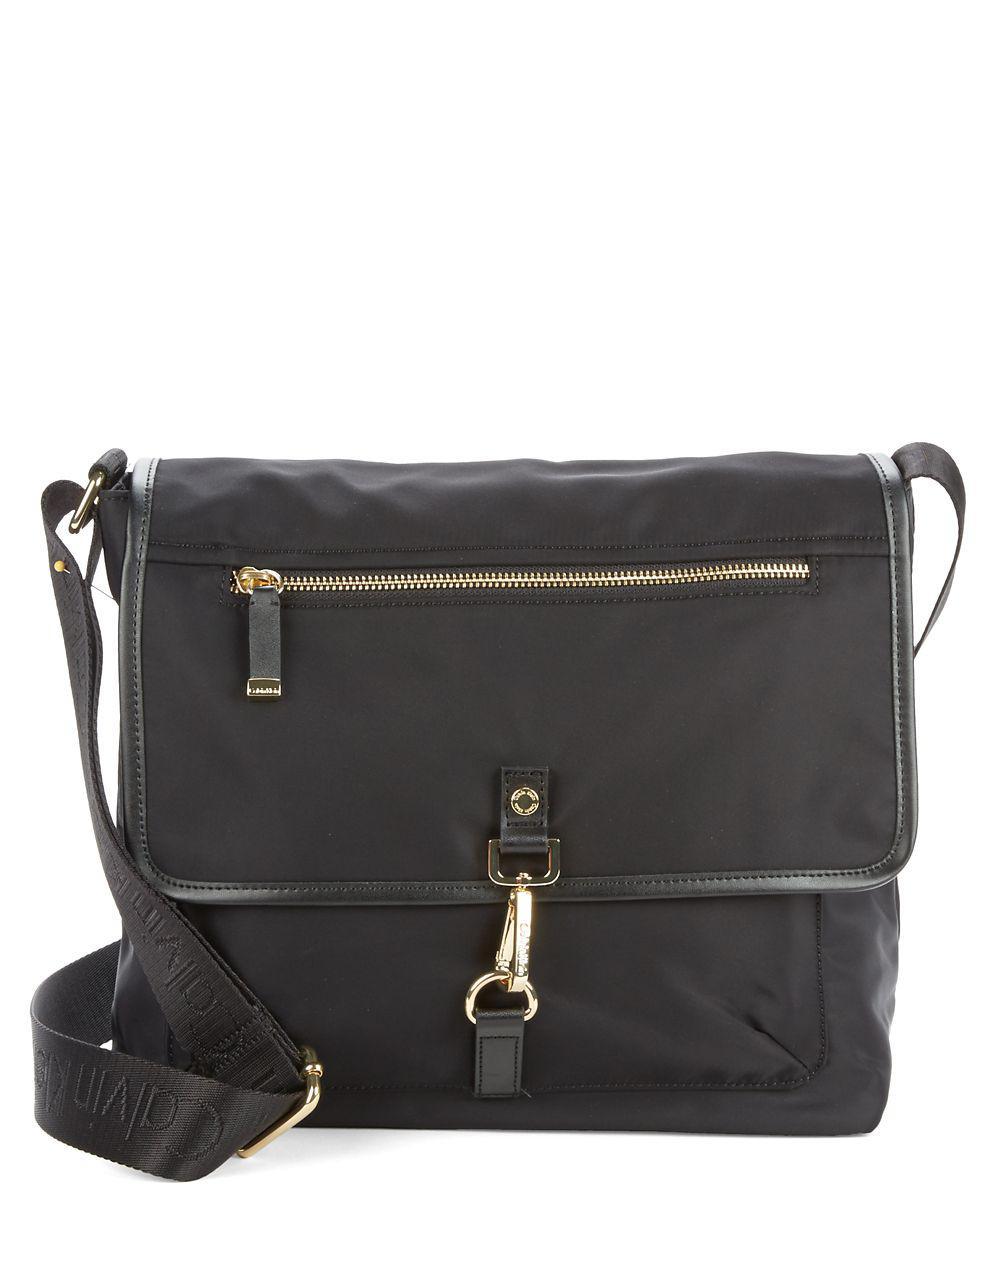 Lyst - Calvin Klein Nylon Messenger Bag in Black b661e939fb